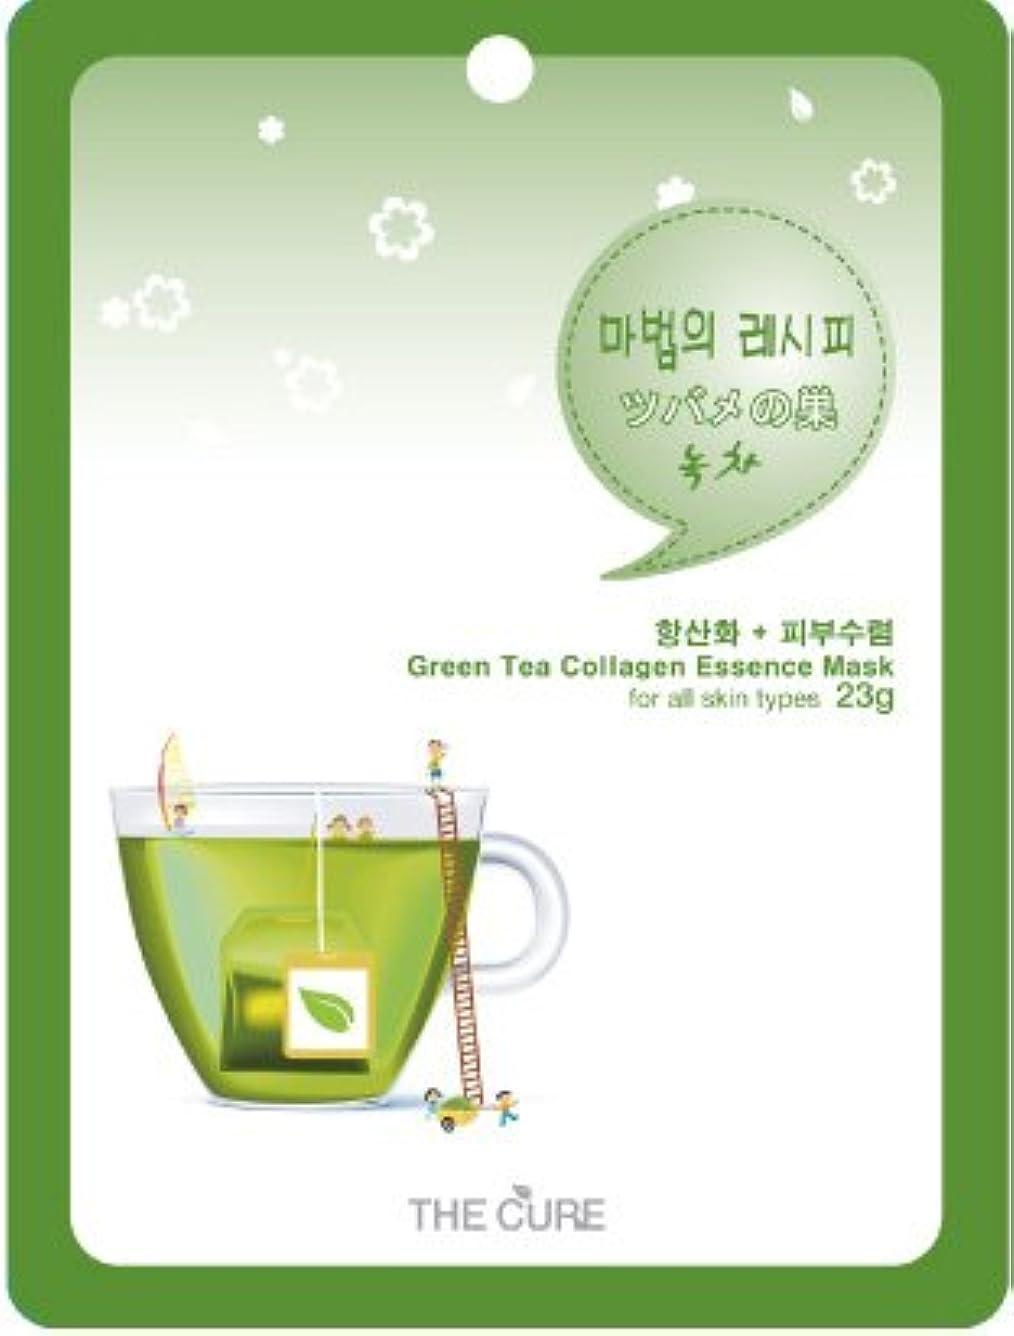 ジェーンオースティンコールド遊び場緑茶 コラーゲン エッセンス マスク THE CURE シート パック 10枚セット 韓国 コスメ 乾燥肌 オイリー肌 混合肌